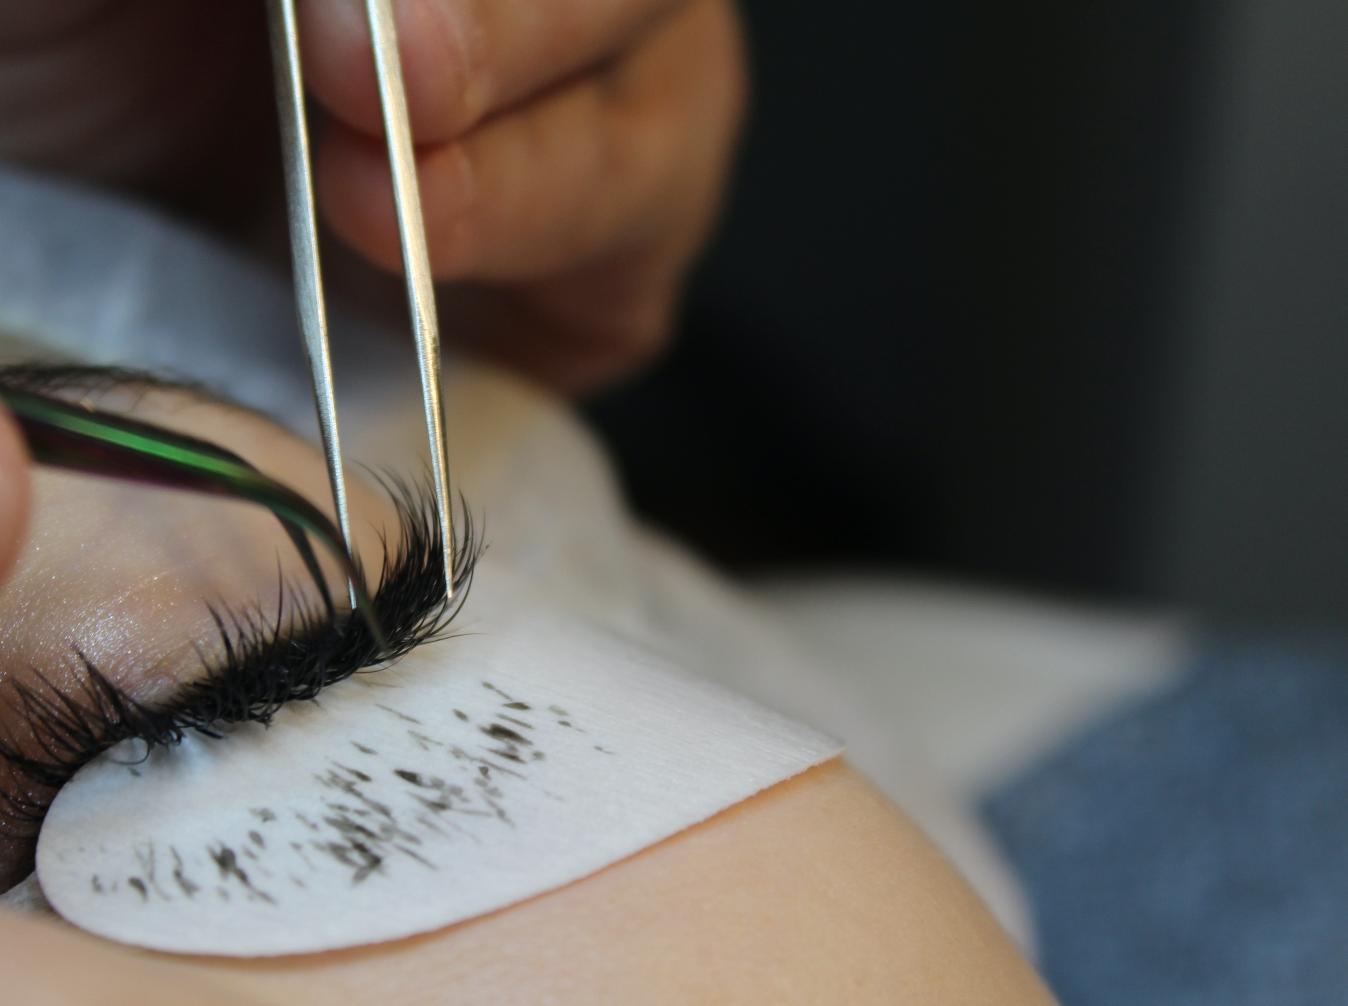 Como-poner-pestañas-naturales-eyelash-extension-blog-de-moda-ChicAdicta-twiggy-Madrid-PiensaenChic-Piensa-en-Chic